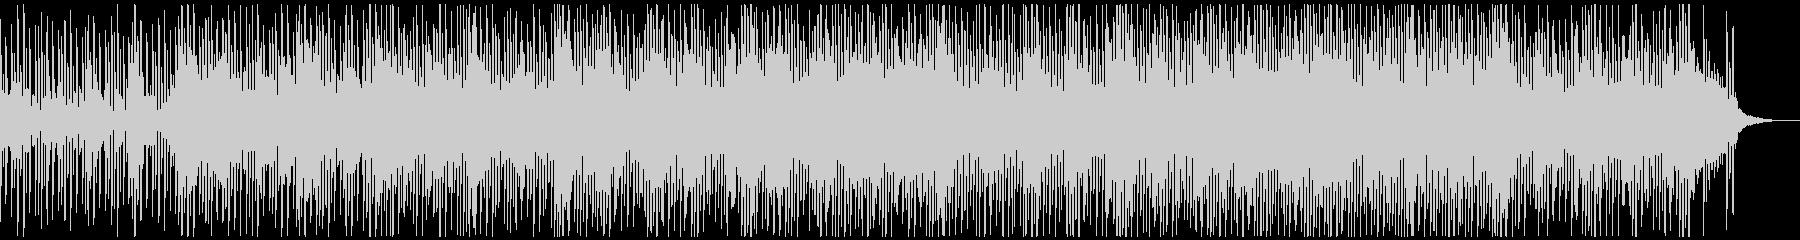 キラキラでエモかわいいエレクトロニカの未再生の波形